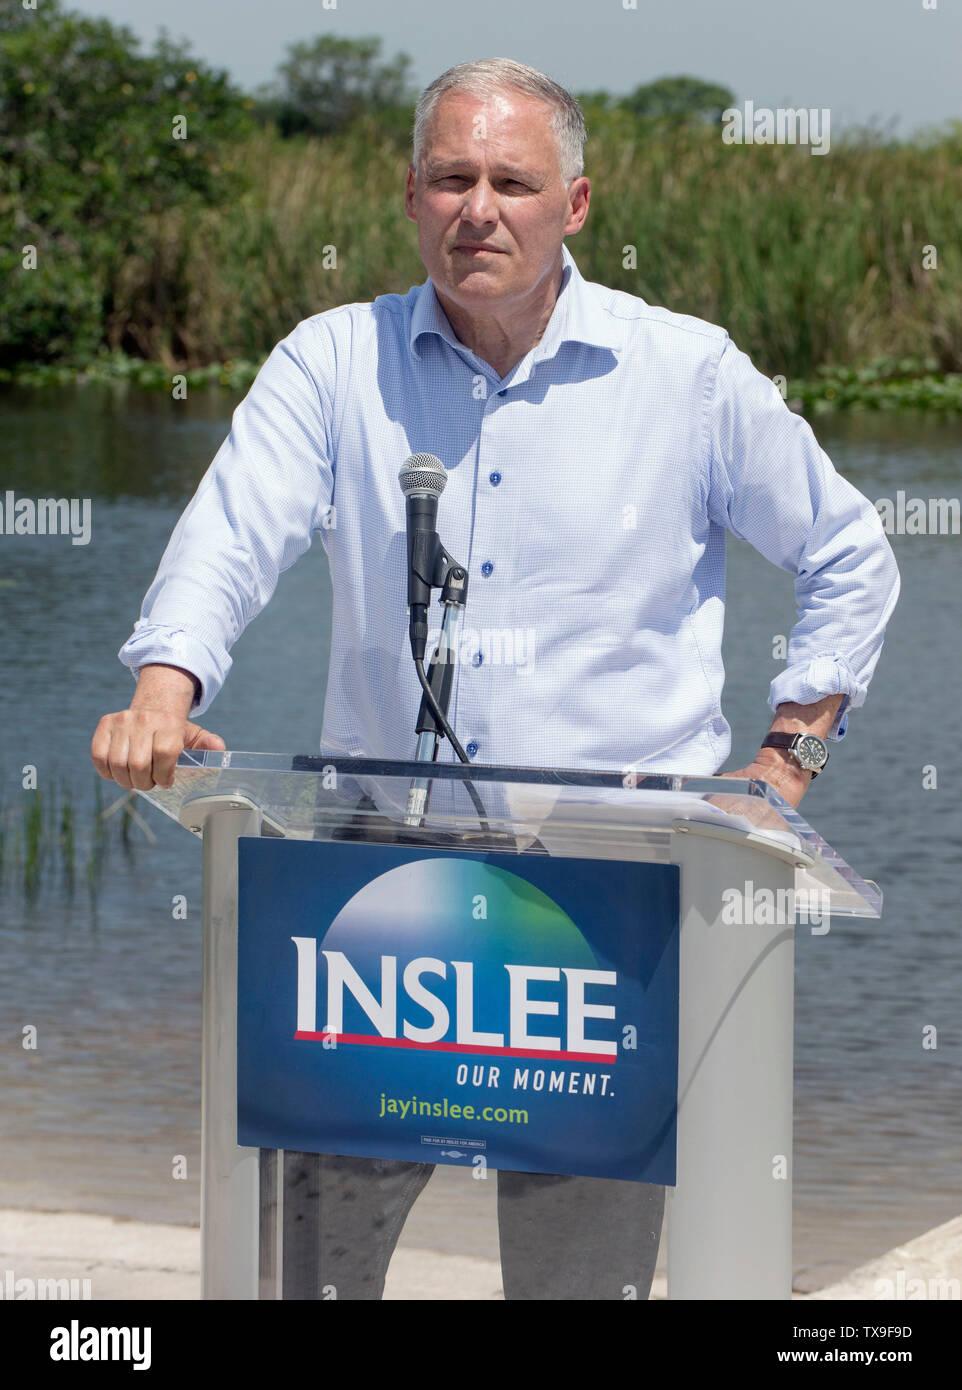 Ft. Lauderdale, Florida, USA. 24 de junio de 2019. Washington gobernador y aspirante a la presidencia, JAY INSLEE anuncia su ''libertad de combustibles fósiles'' plan en los Everglades Holiday Park. El plan Inslee restringiría perforaciones futuras en y cerca de las tierras públicas críticas como los Everglades y en hacerlo permitiría proteger el agua potable que proporcionan los Everglades a casi 6 millones de floridanos. Hace varios meses la Florida 1er distrito del Tribunal de Apelaciones falló en favor del proyecto de exploración petrolera en los humedales. Crédito: Brian Cahn/Zuma alambre/Alamy Live News Imagen De Stock